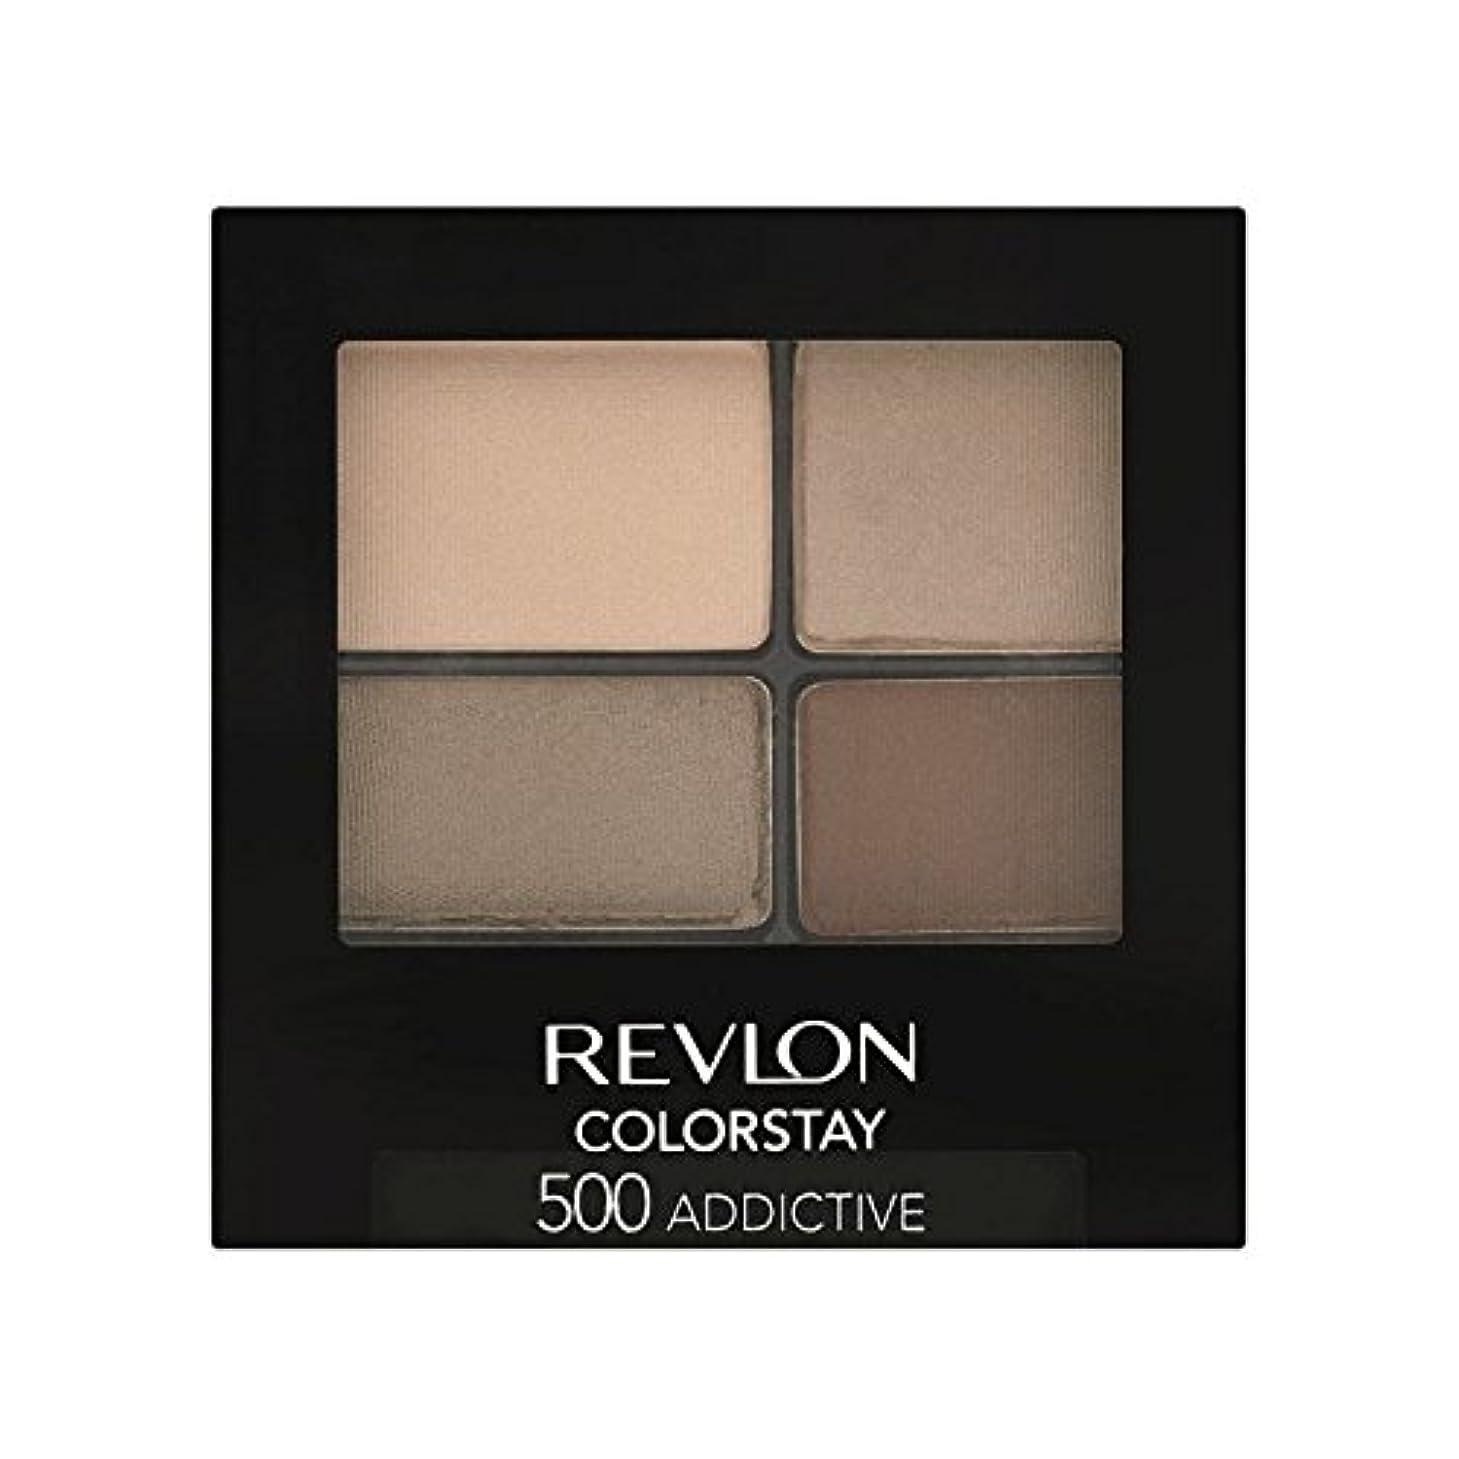 バラ色経済拡大する500中毒性のレブロン 16時間のアイシャドウ x4 - Revlon Colorstay 16 Hour Eye Shadow Addictive 500 (Pack of 4) [並行輸入品]